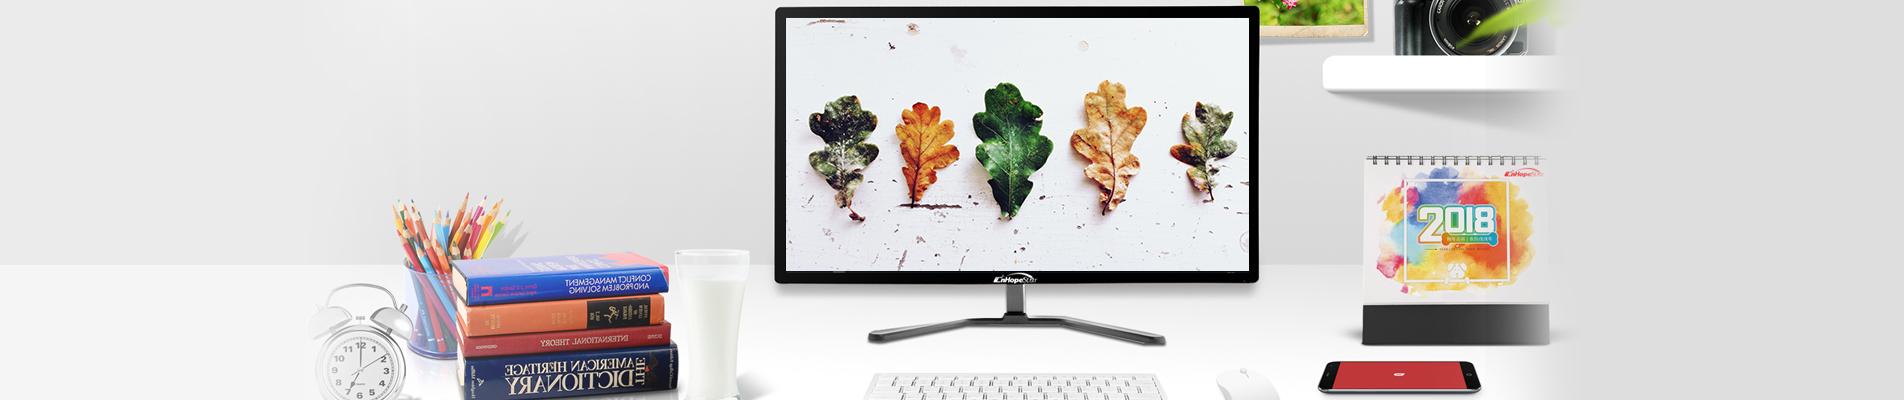 computer monitor lcd monitor led monitor